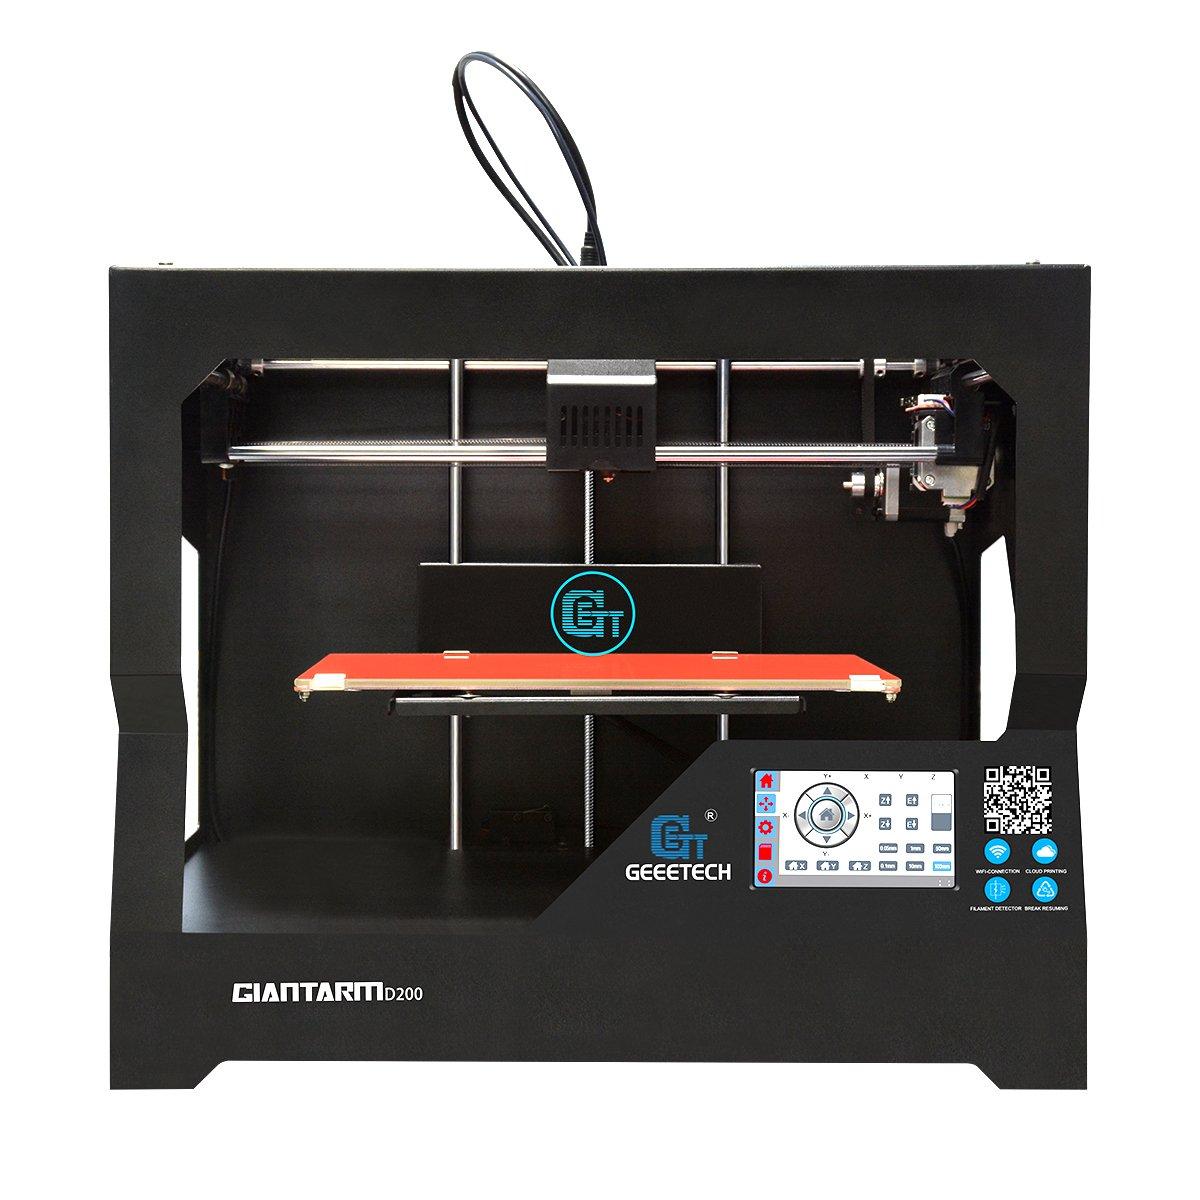 GIANTARM D200 Stampante 3D con un' area di stampa molto grande, recupero automatico da power failure, touch screen e chassis completamente in metallo. Geeetech